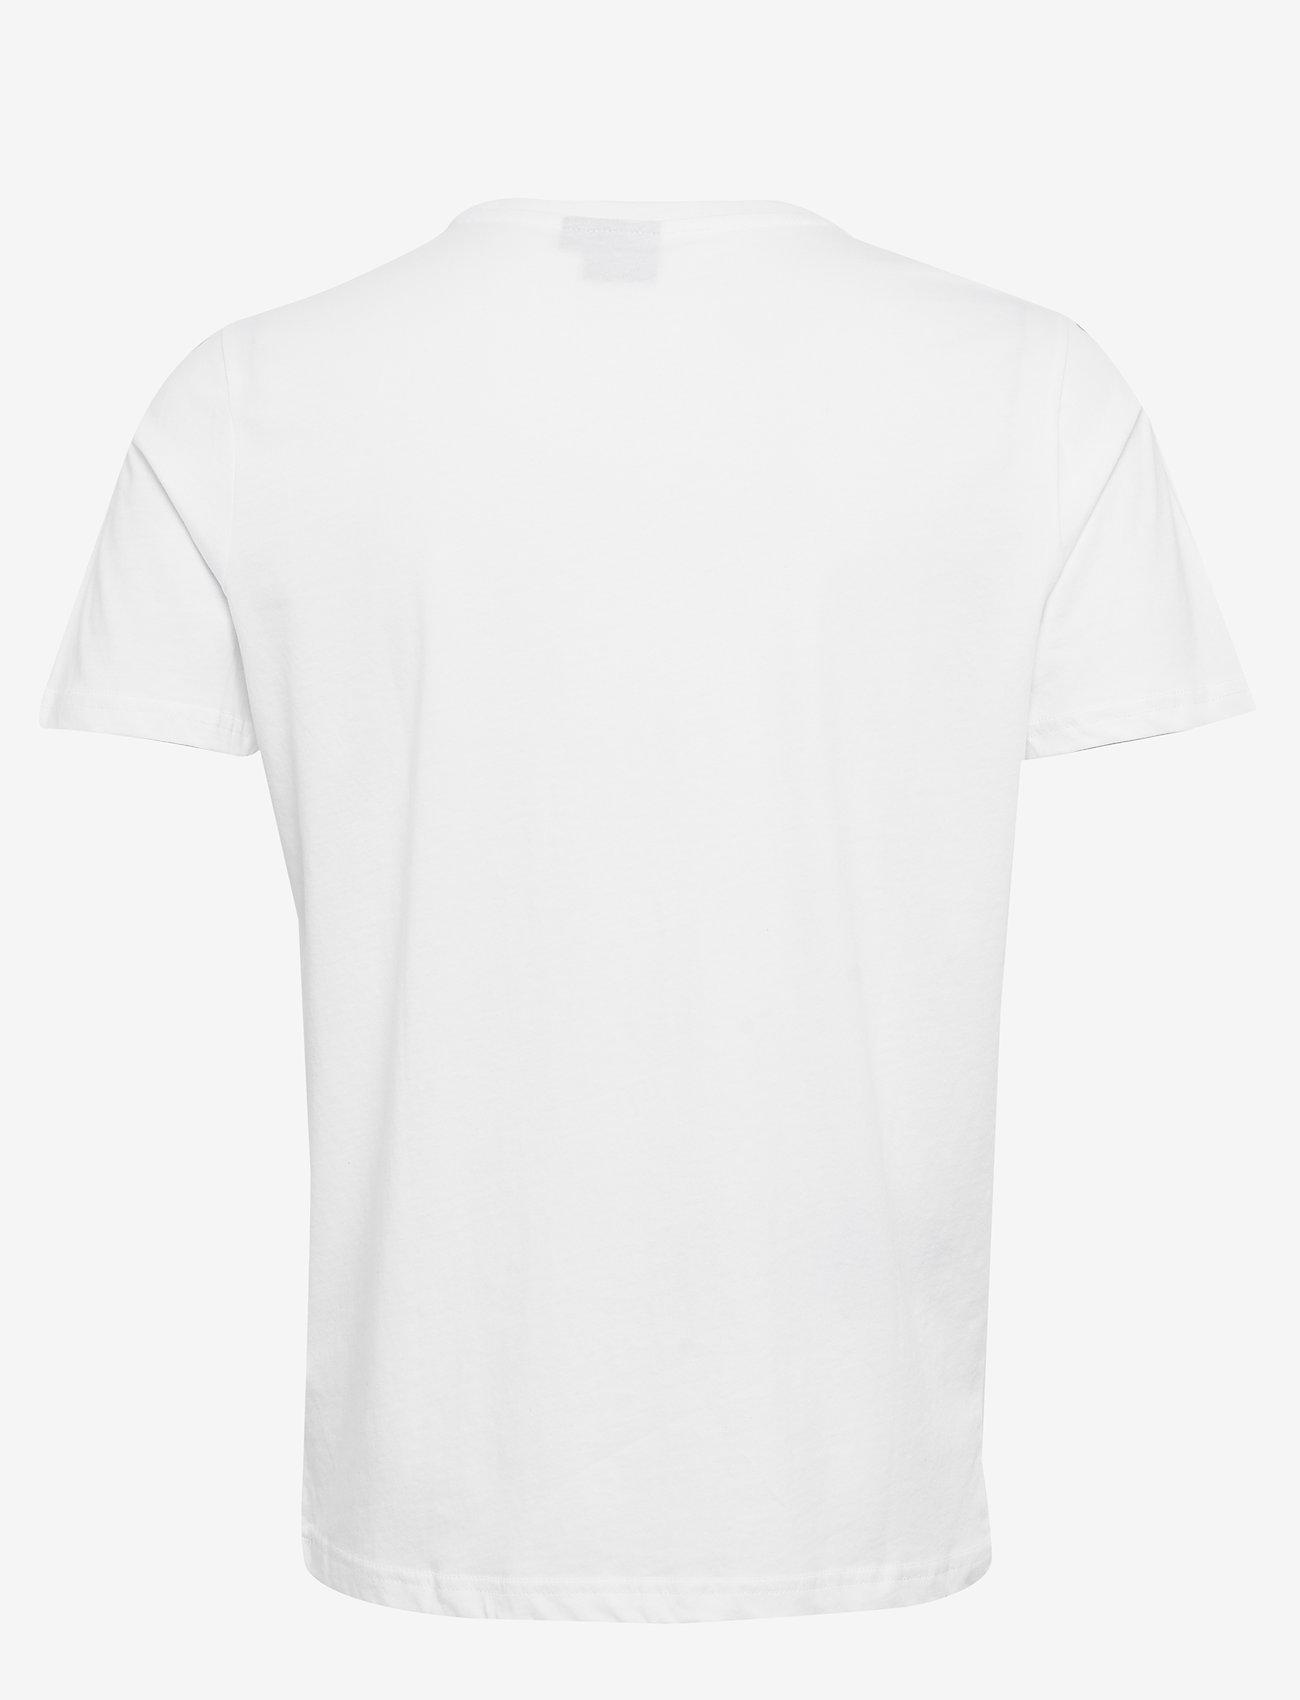 Hummel - hmlPETER T-SHIRT S/S - t-shirts - white - 1